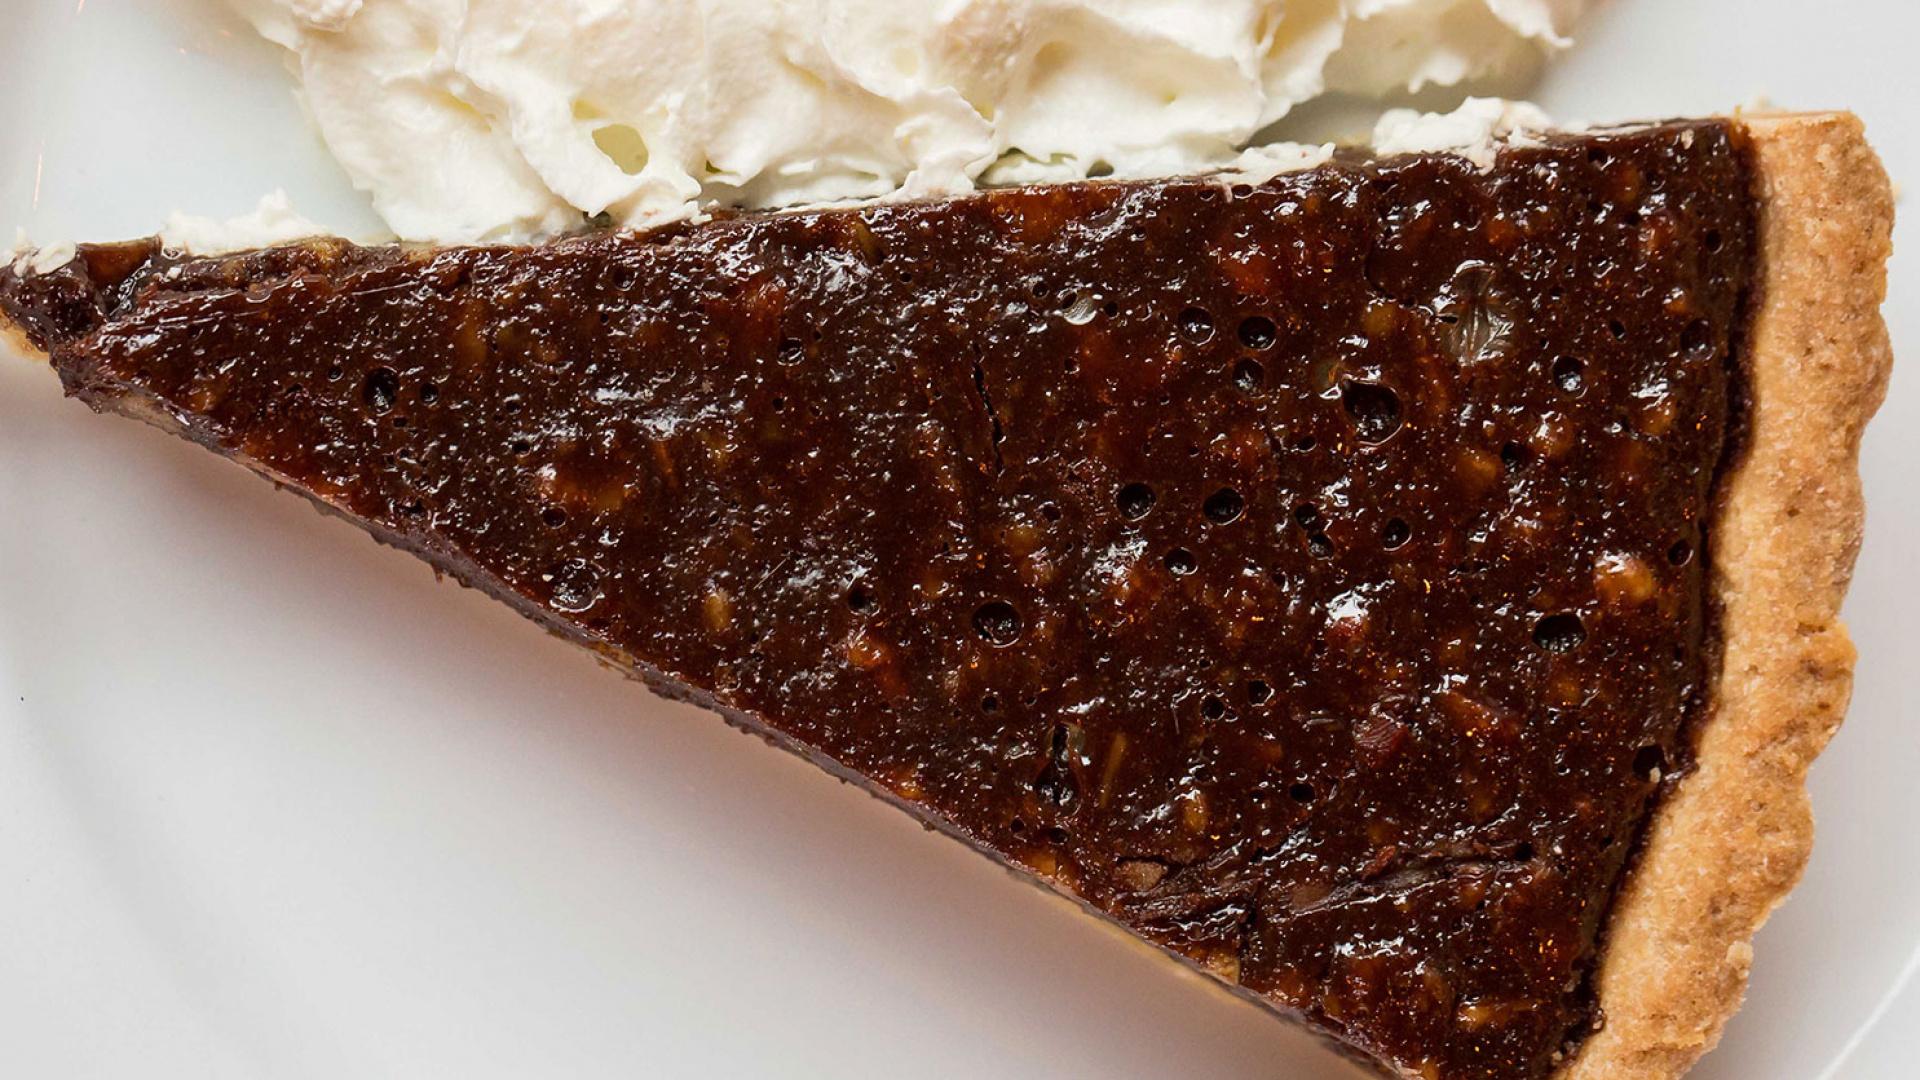 Porky's chocolate and pecan pork pie